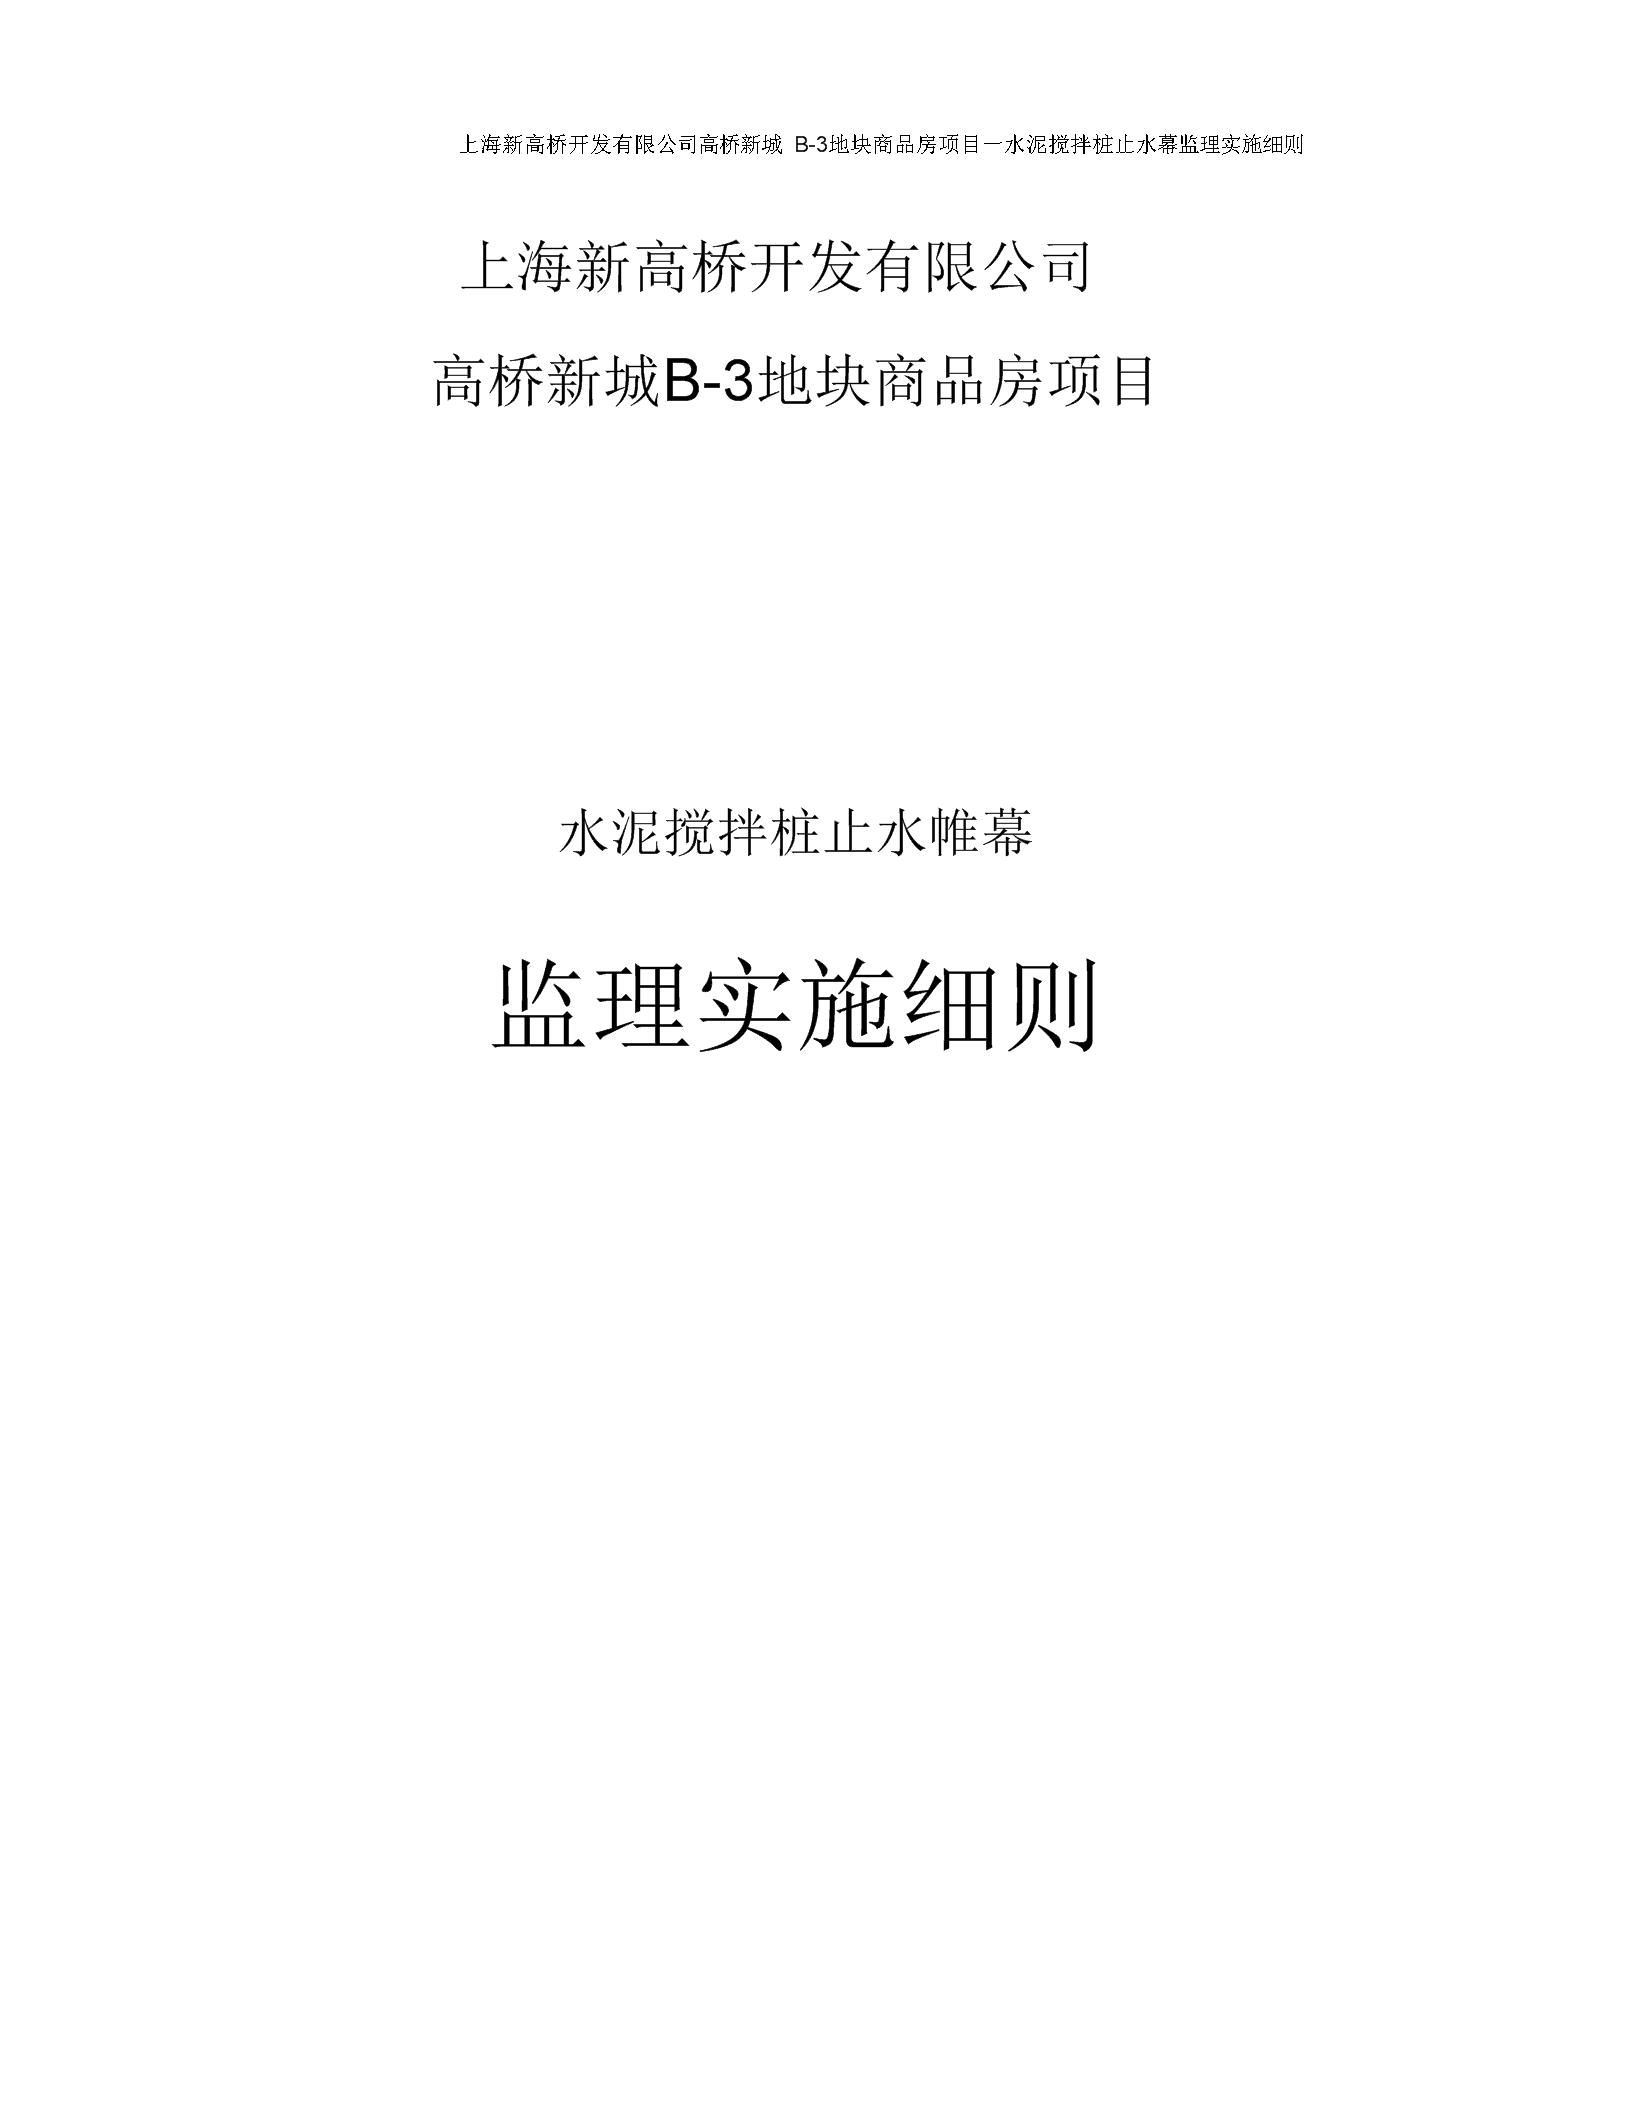 《水泥搅拌桩止水帷幕监理细则》.docx